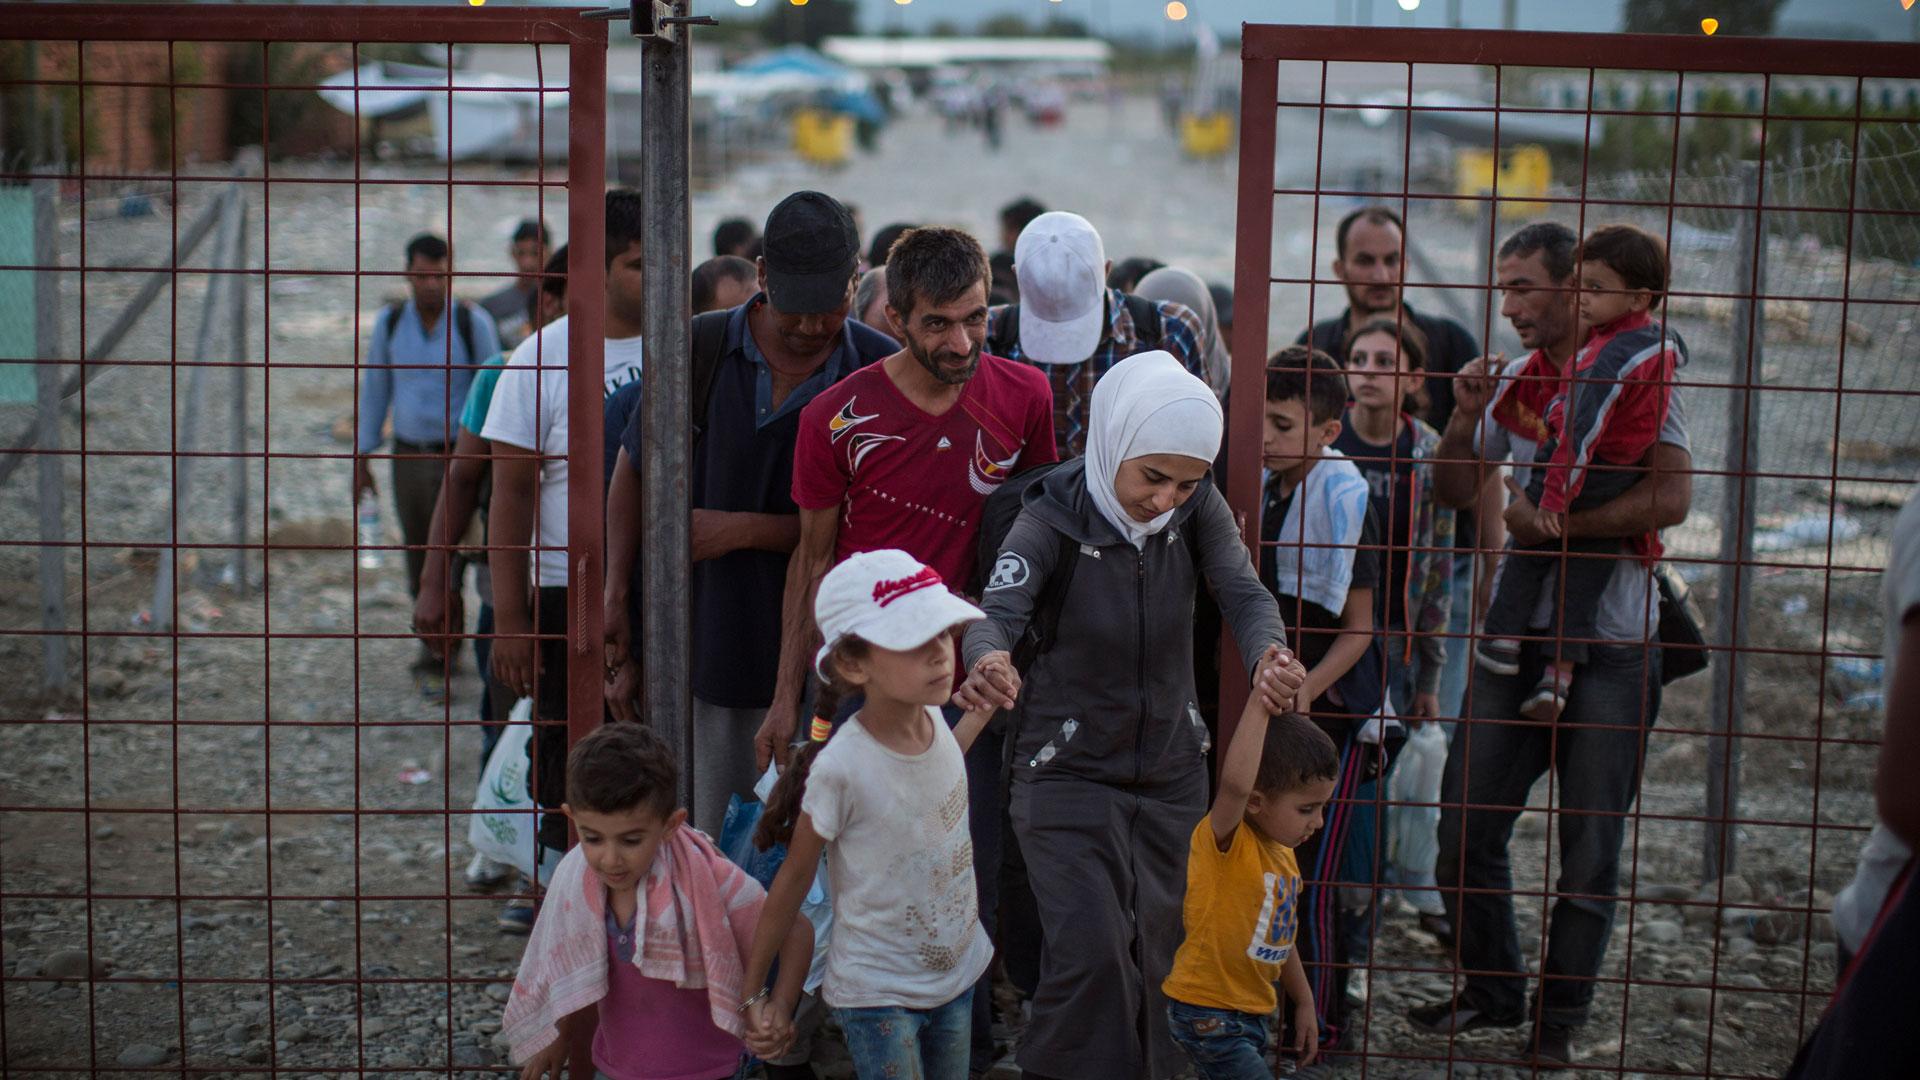 Refugiados: Brasil tem boa política de acolhimento, dizem especialistas